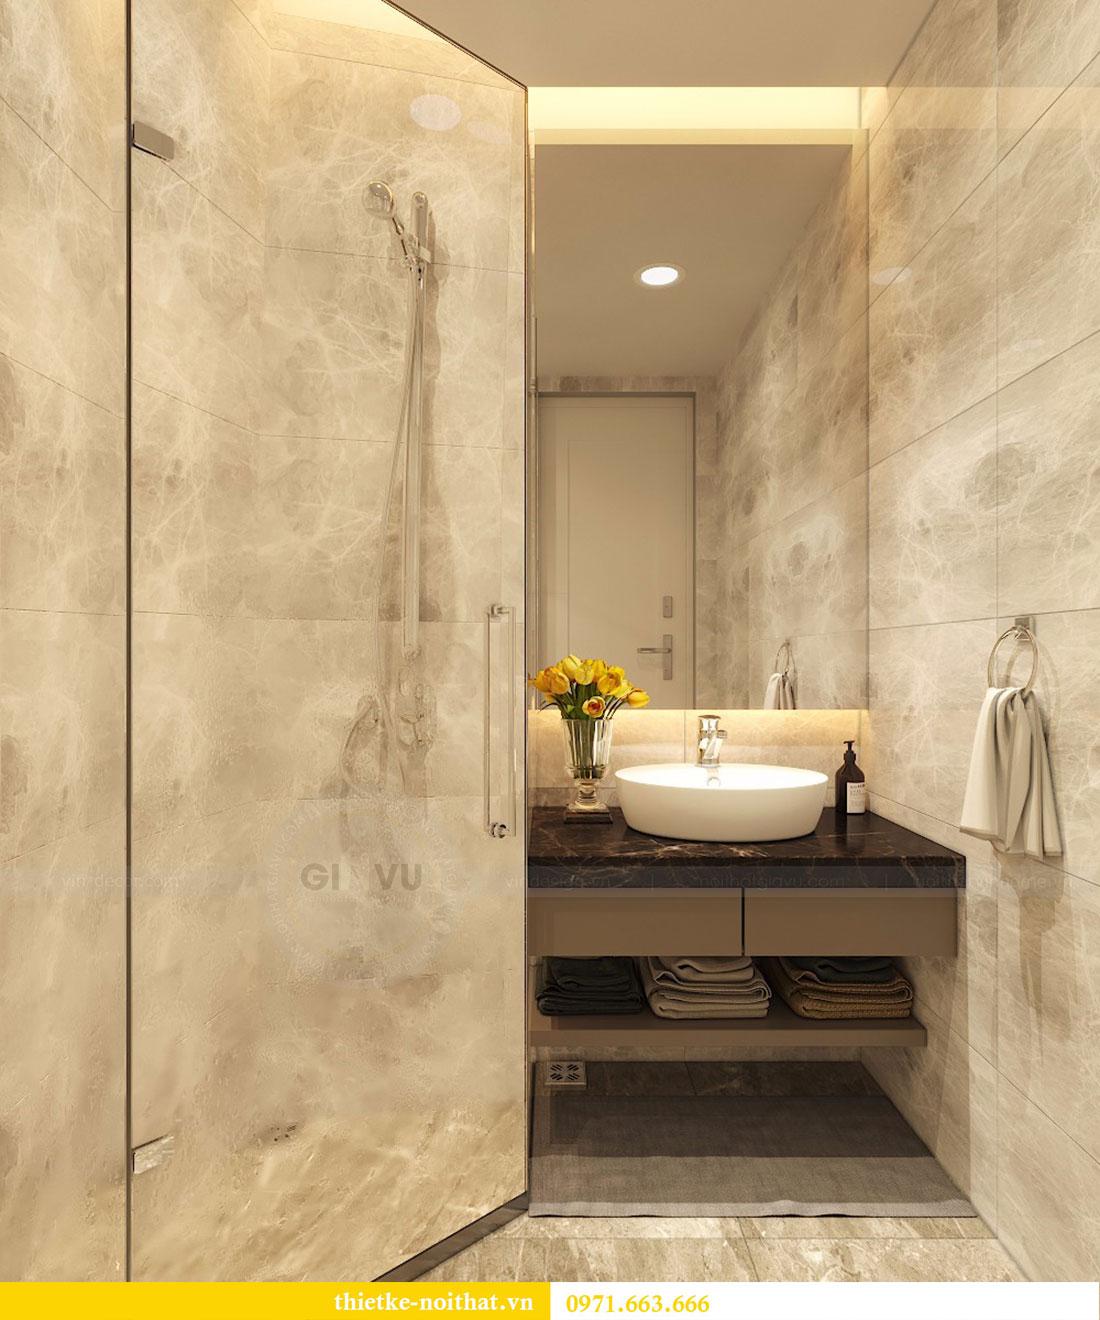 Thiết kế nội thất chung cư Seasons Avenue tòa S1 căn 04 - Chị Thanh 10.